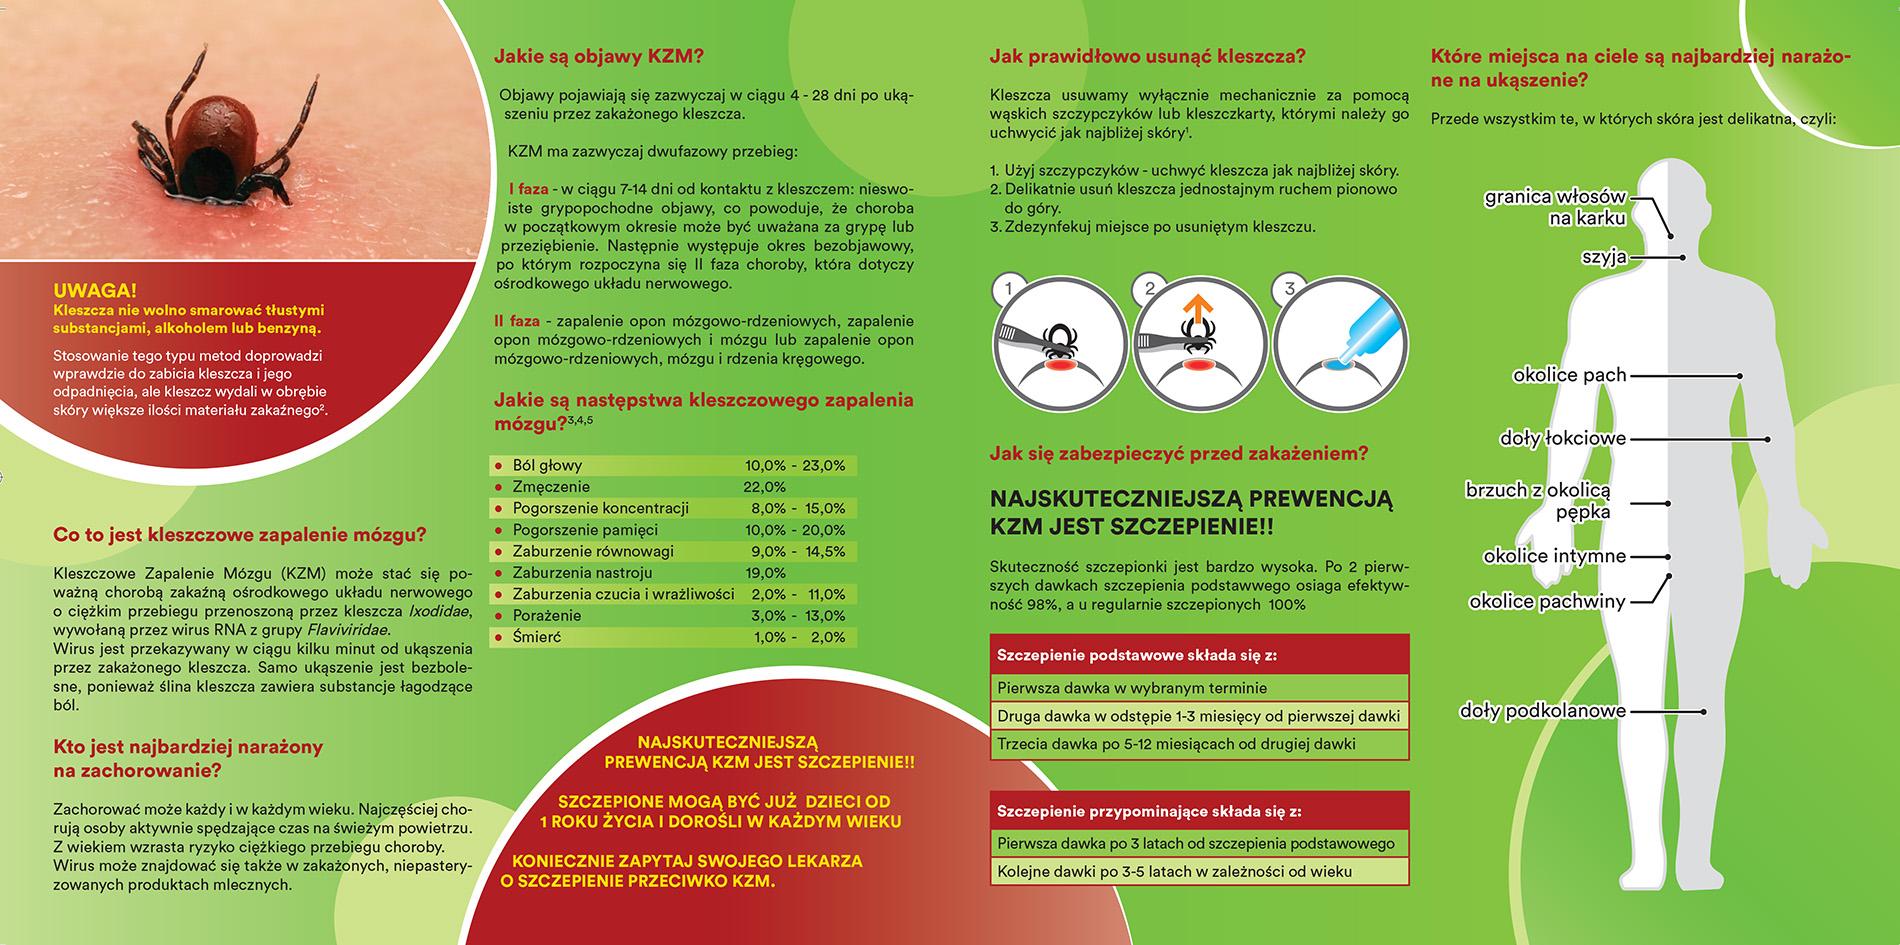 kleszczowe zapalenie mózgu broszura informacyjna Aby Żyć